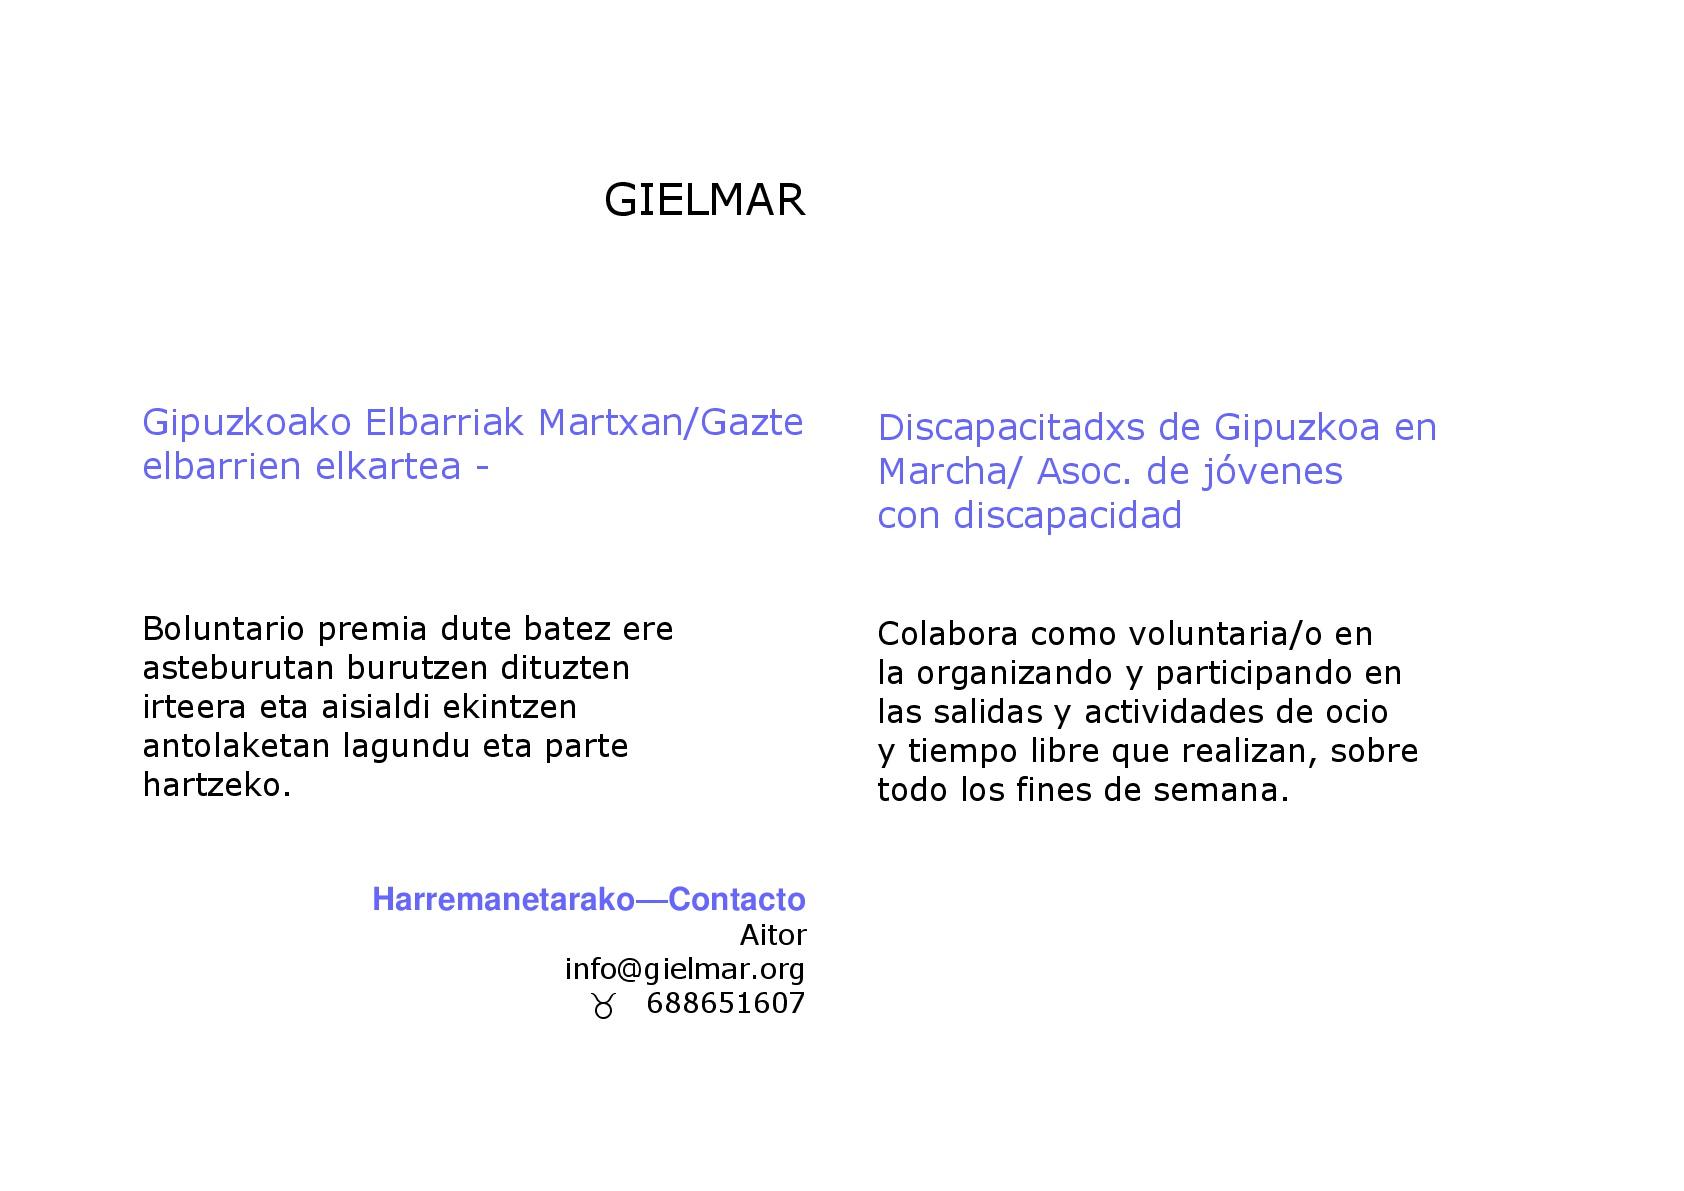 Boluntario premia / Colabora como voluntario